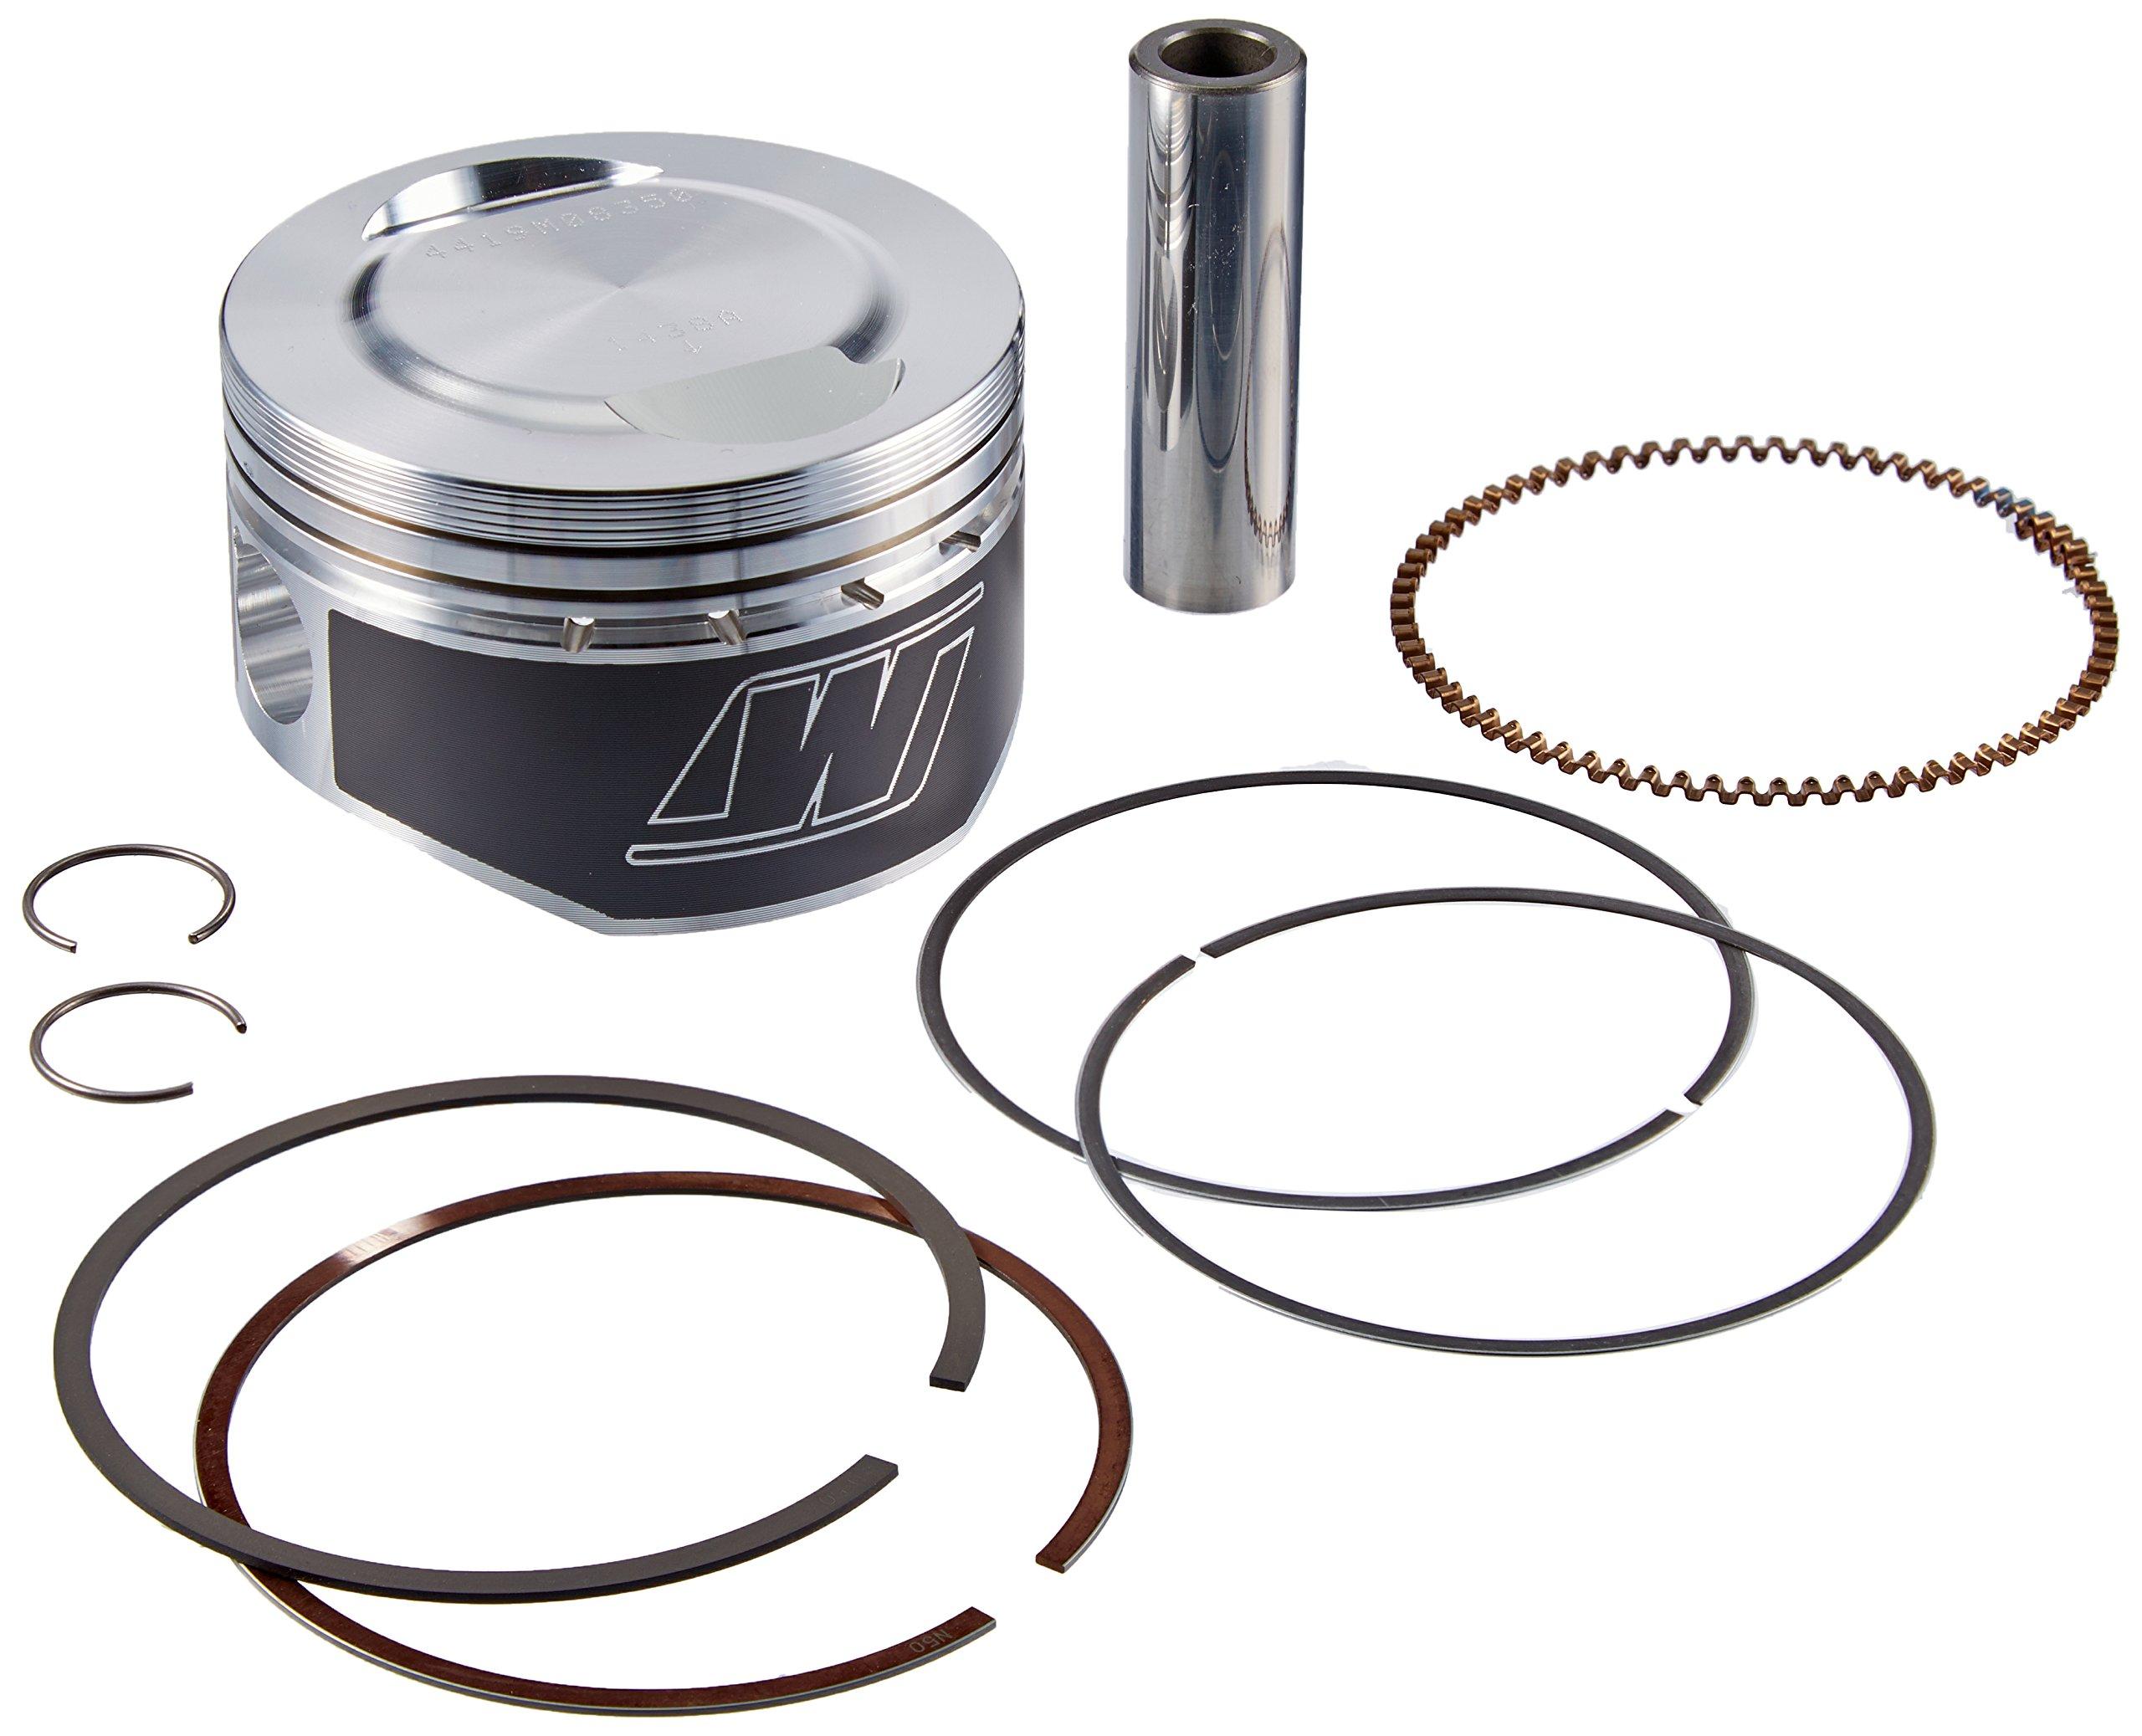 Wiseco 4419M08350 83.50mm 10.25:1 Compression 353cc ATV Piston Kit